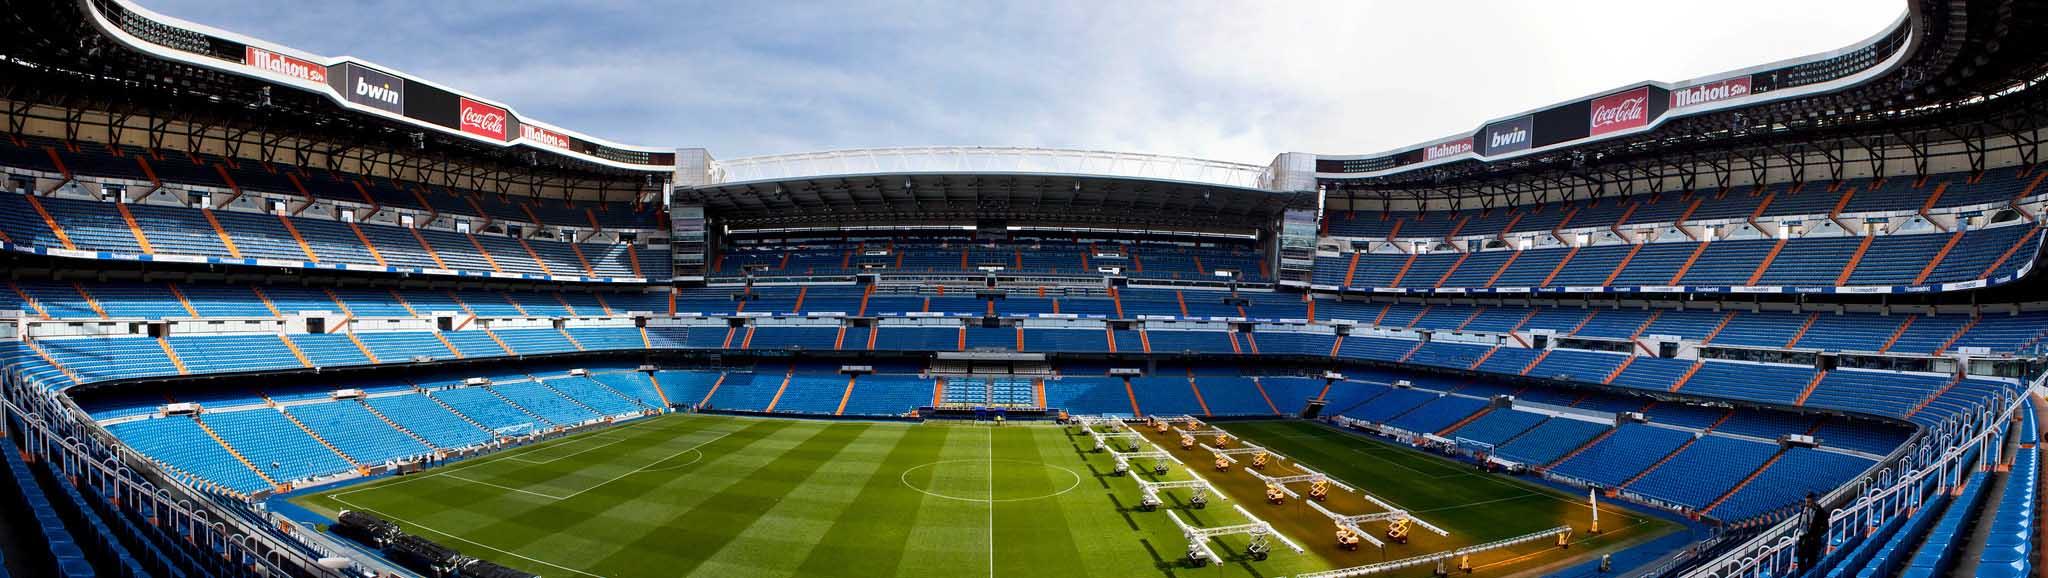 Сантьяго Бернабеу, стадион в Мадриде